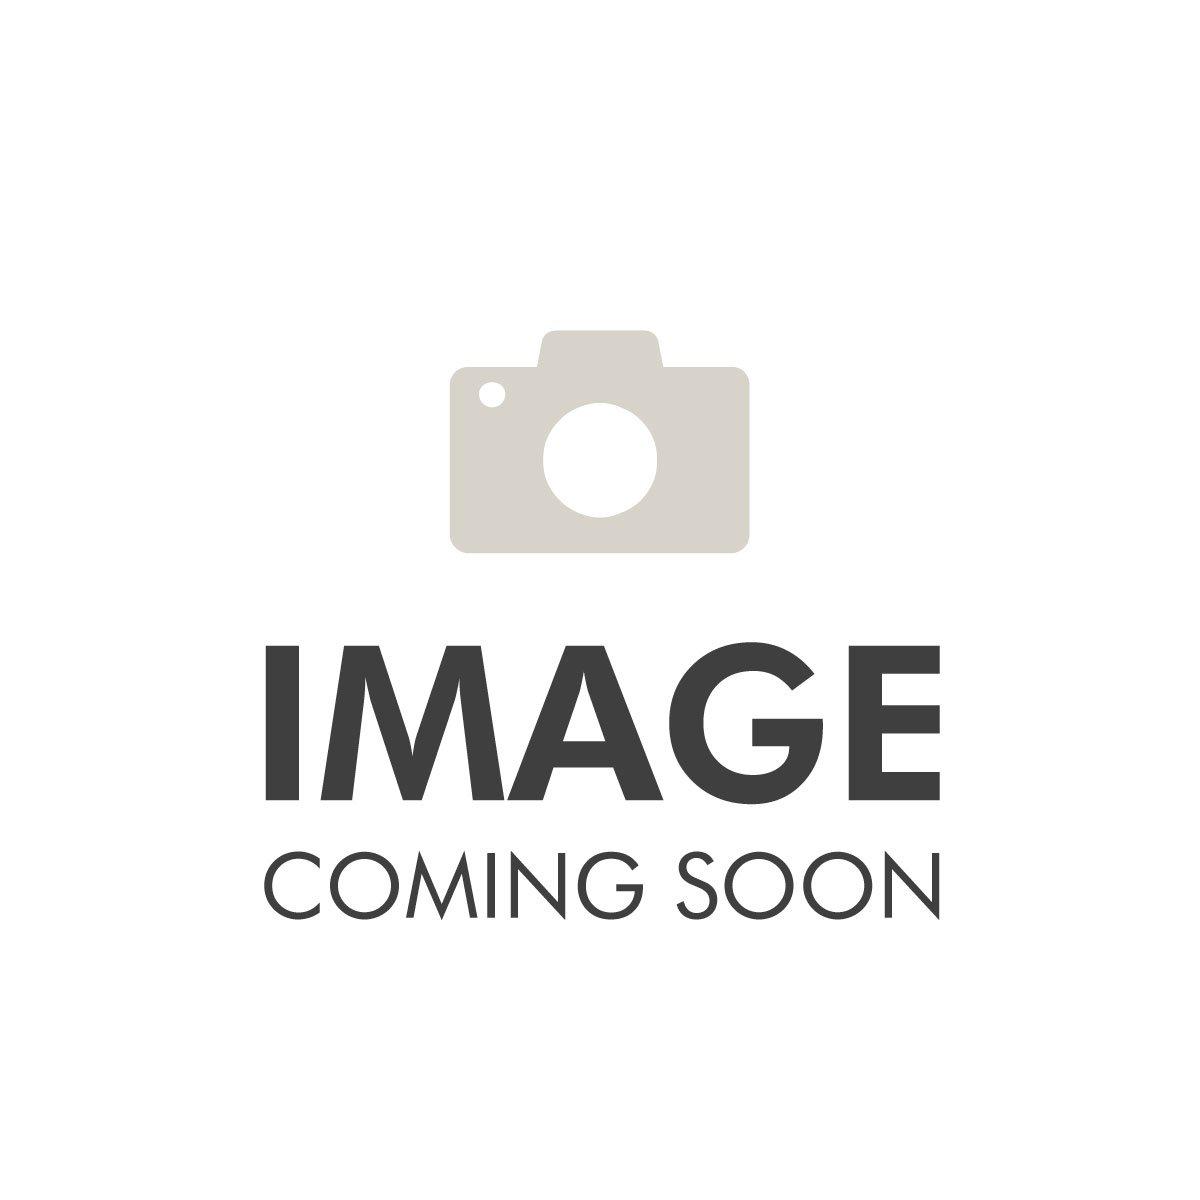 Uhlmann - Vis de pointe d'épée (10-Pack)